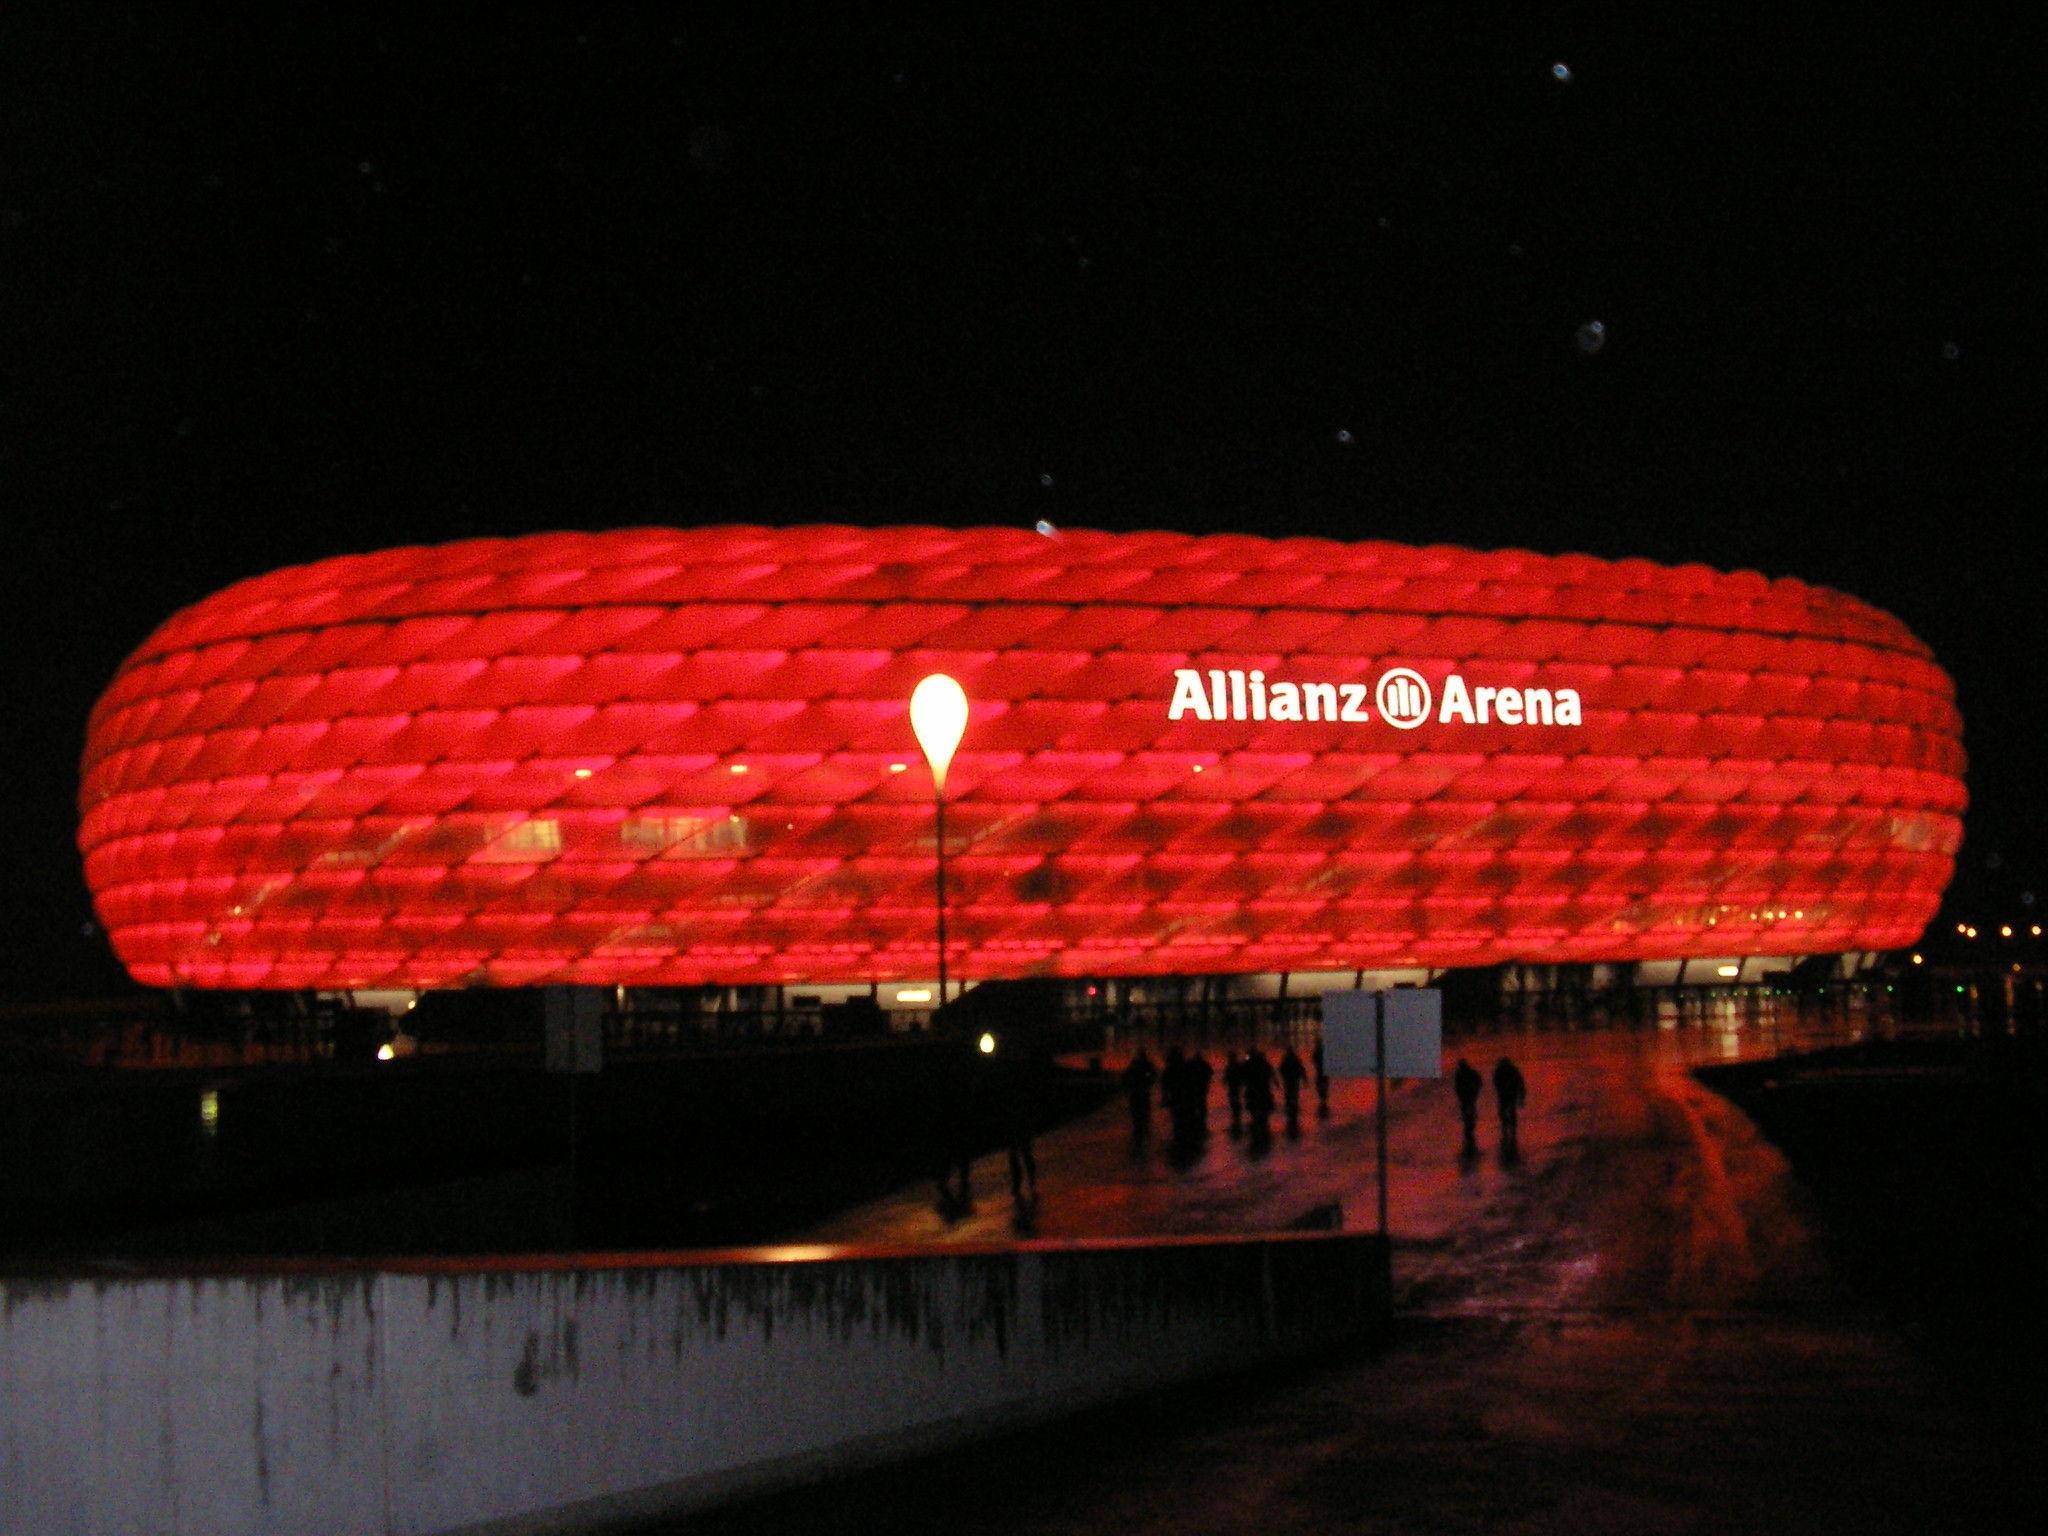 ¿En qué año se inauguró el Allianz Arena?